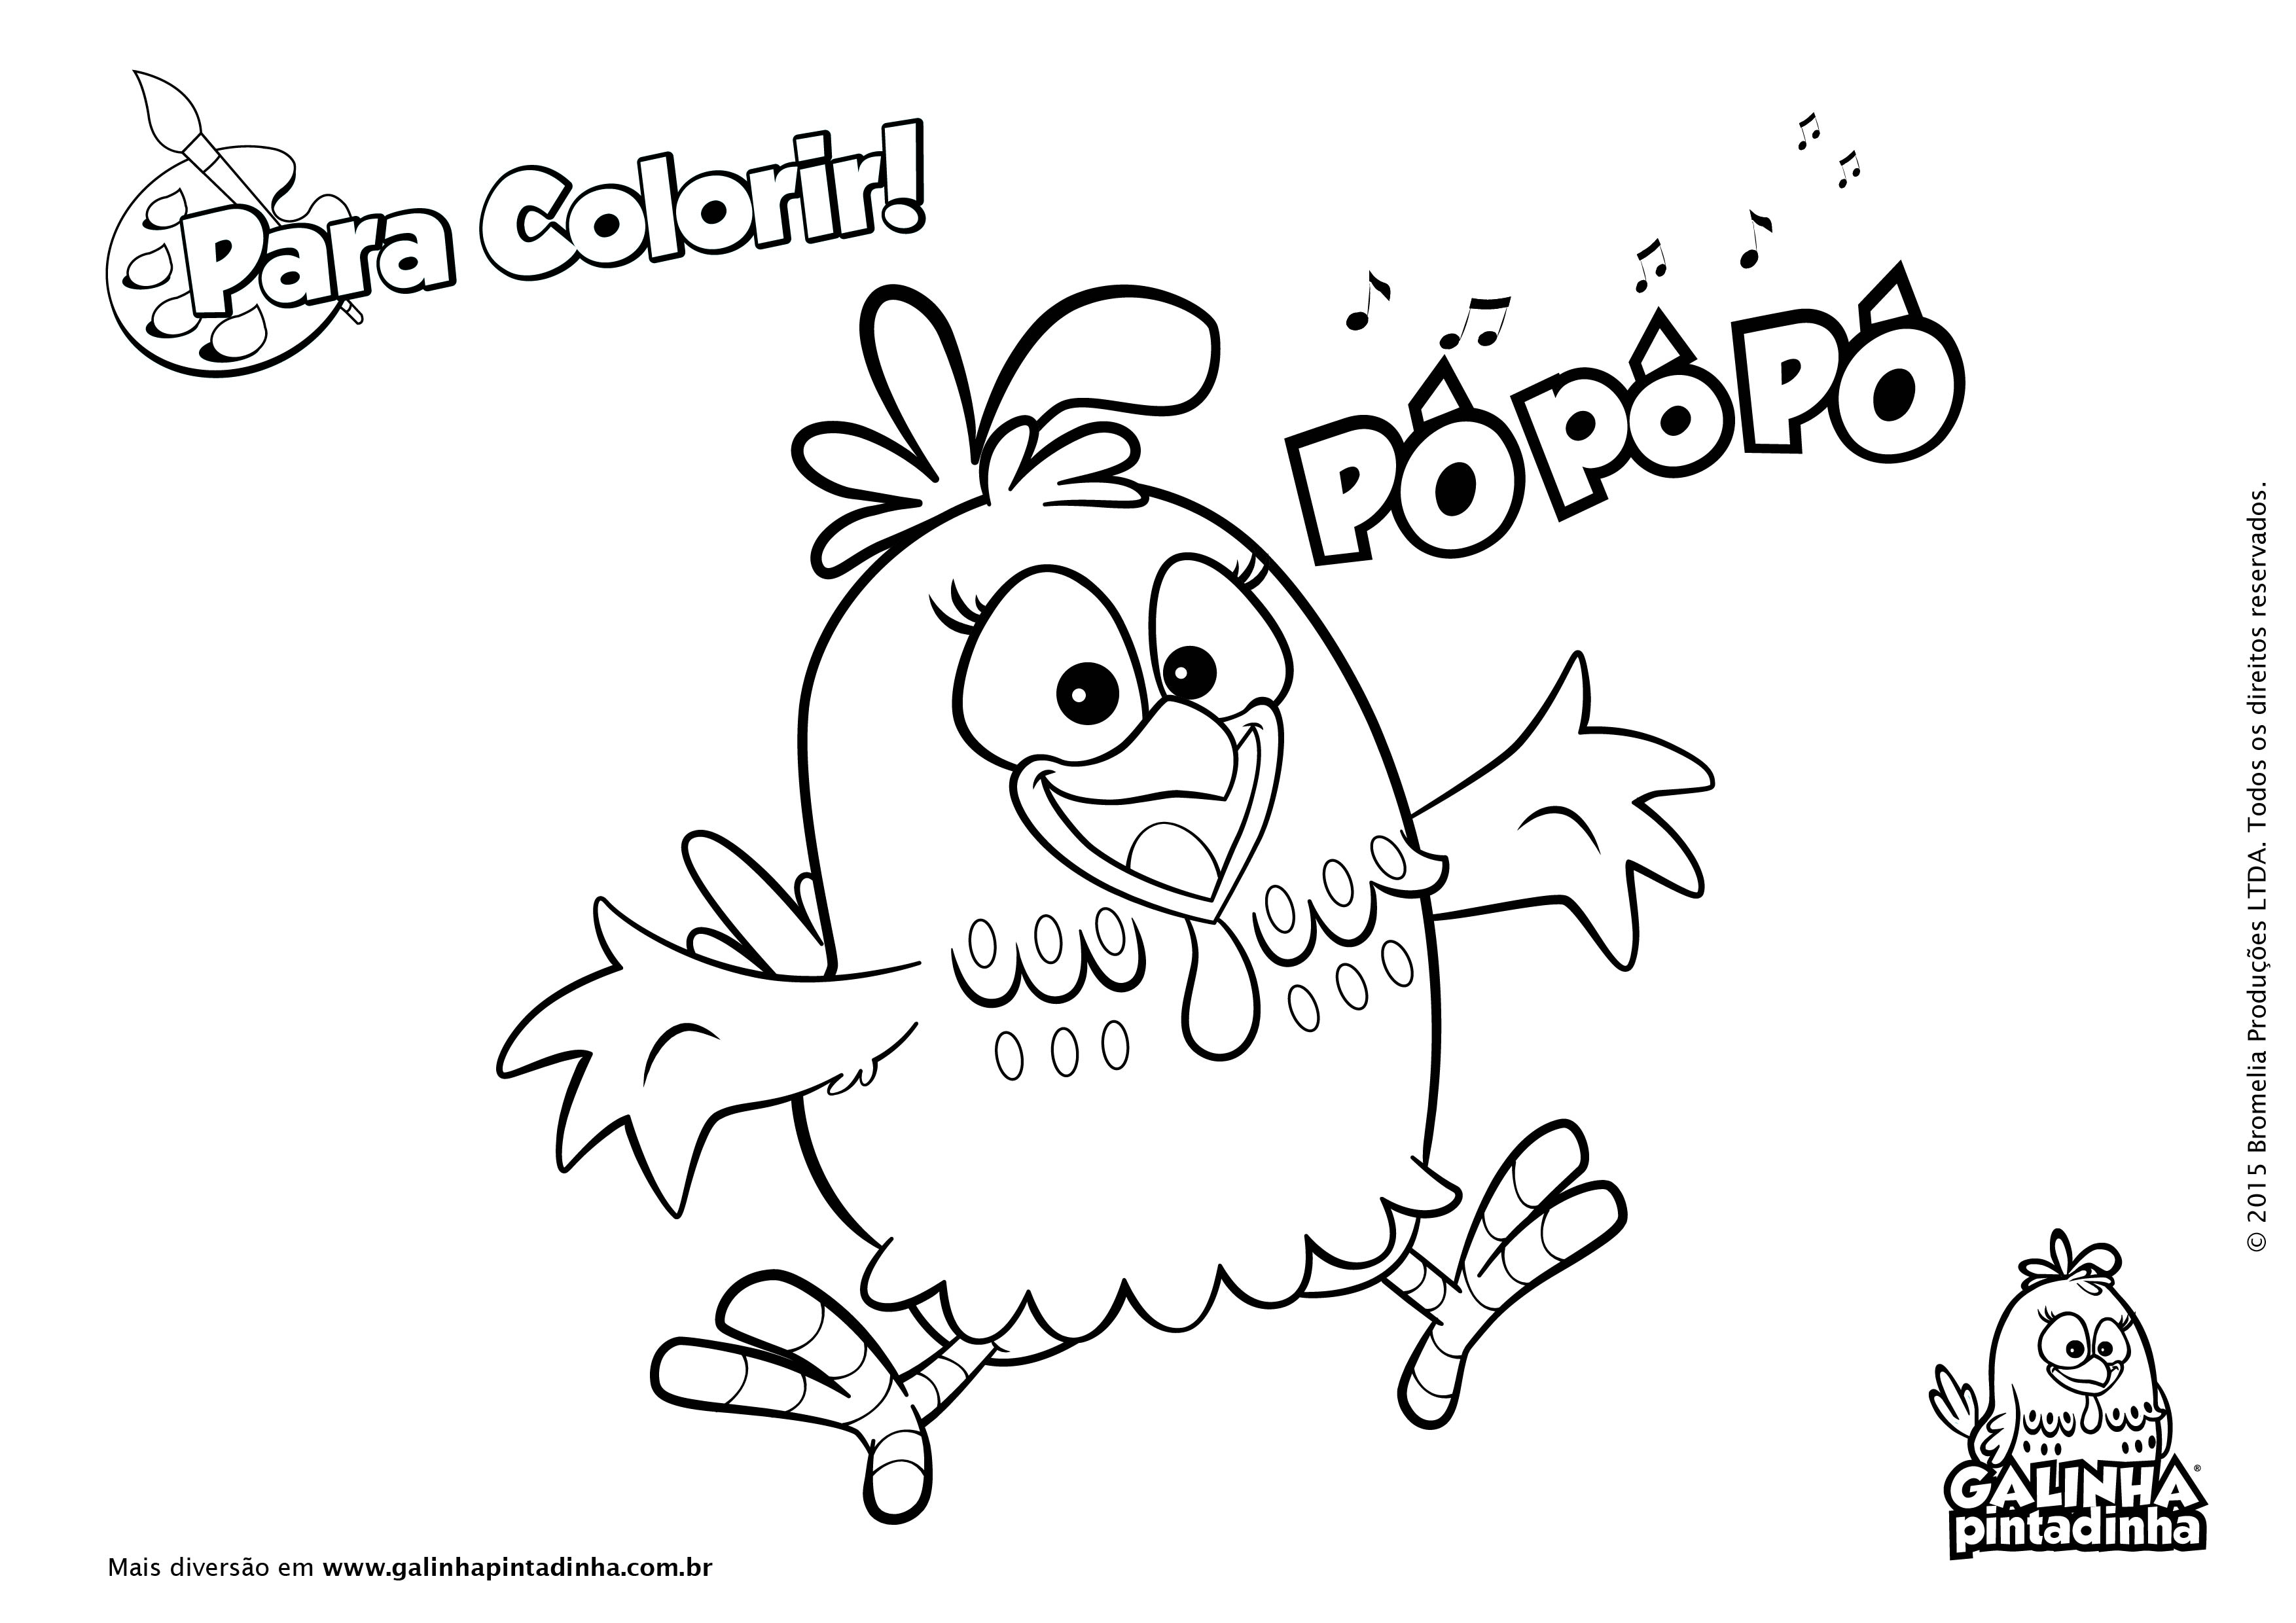 Jogo Desenhos Para Colorir Angry Birds Star Wars No Jogos: Galinha Pintadinha Para Colorir 1